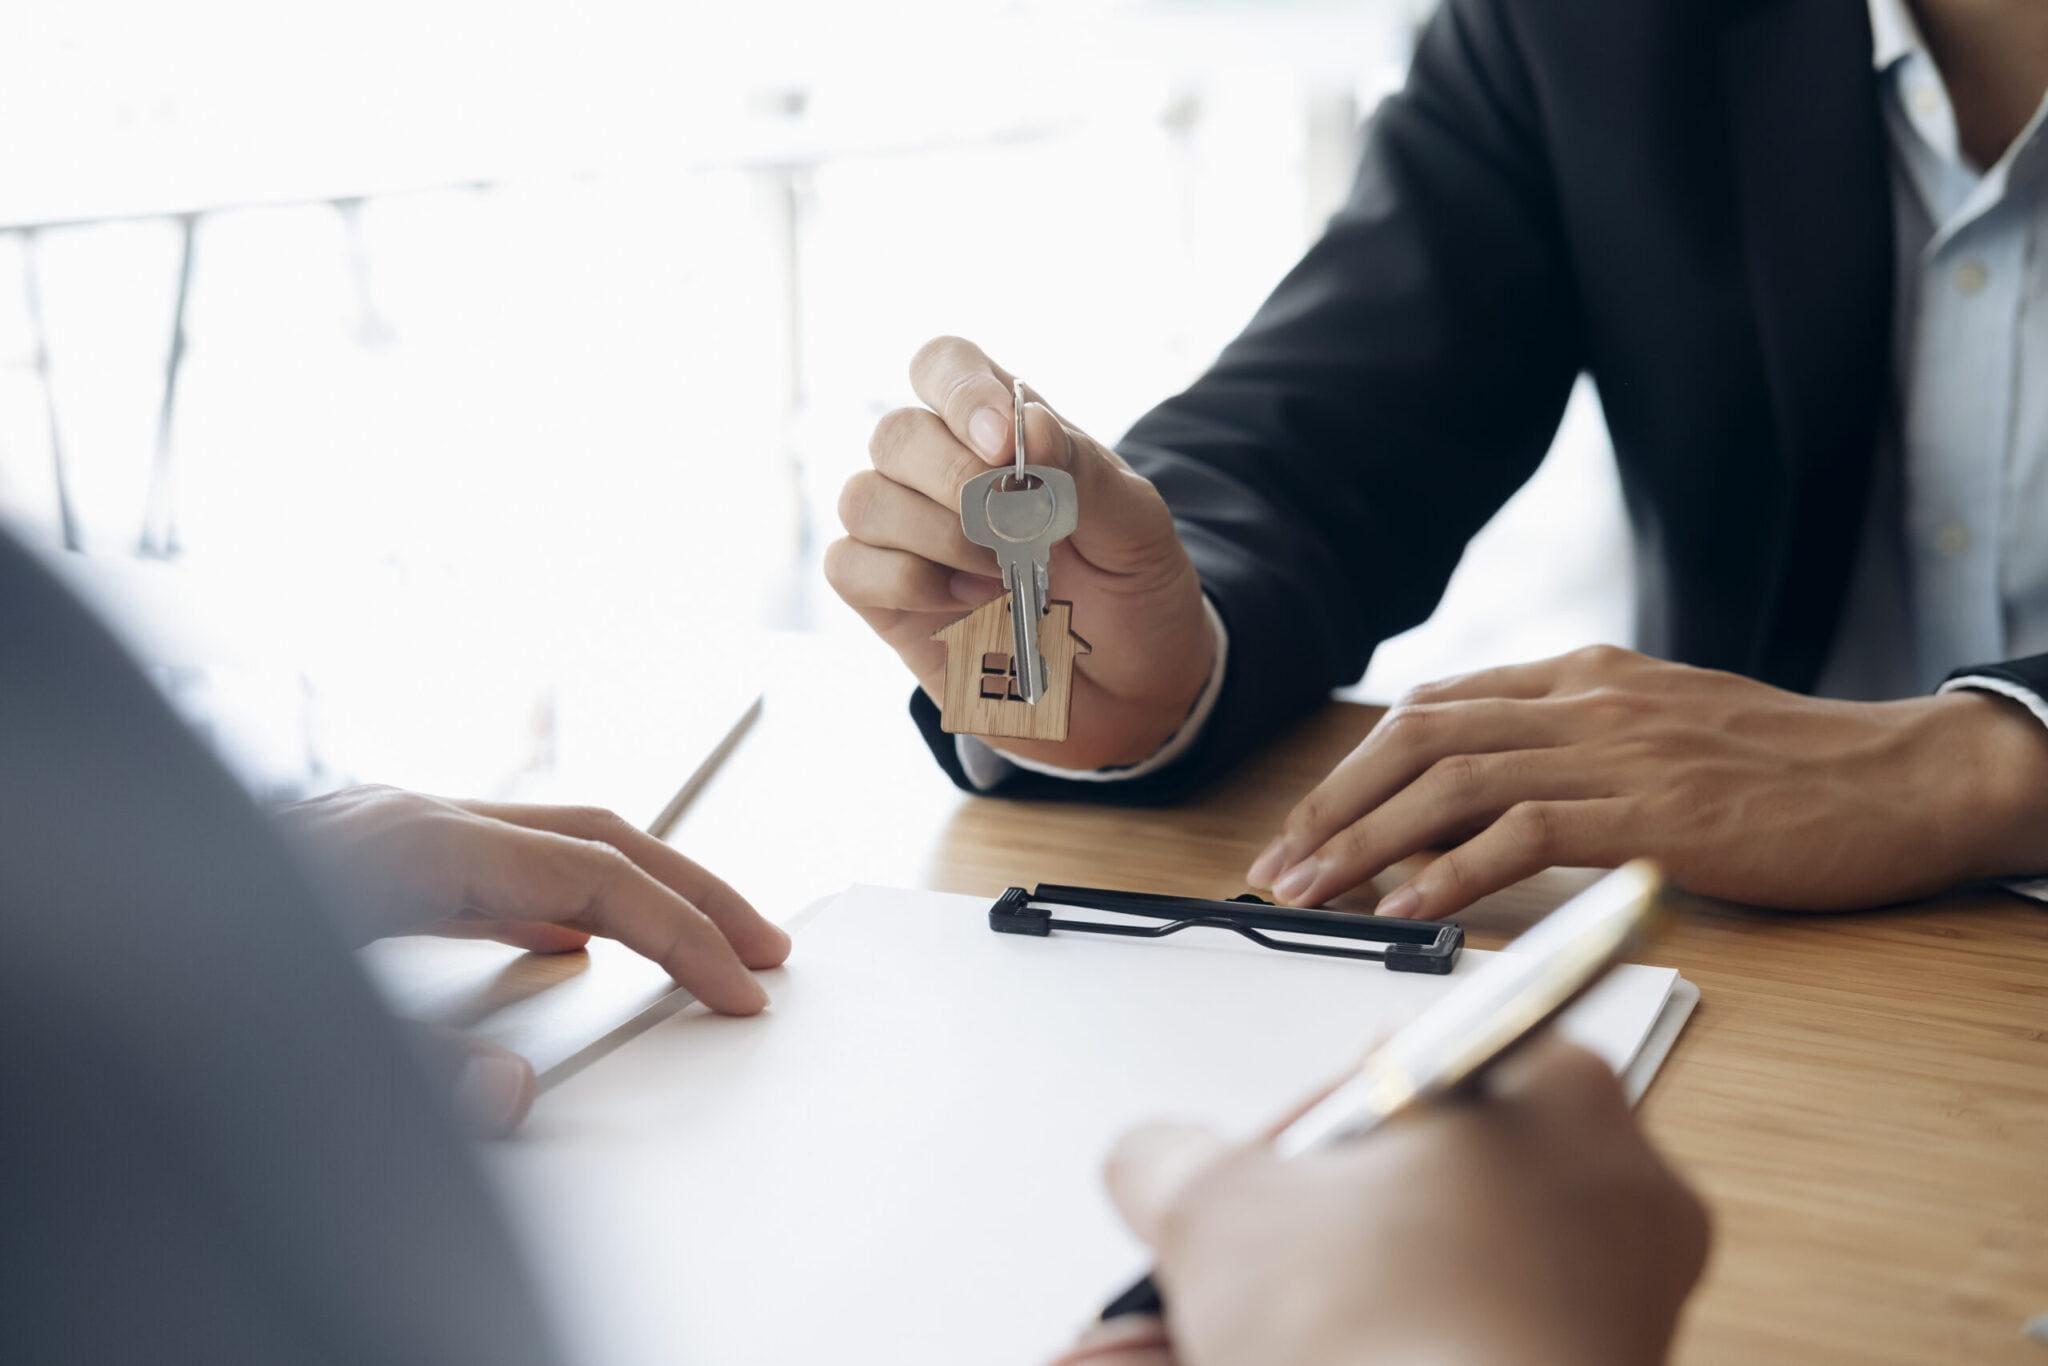 Immobilie verkaufen: Nicht vorschnell handeln!